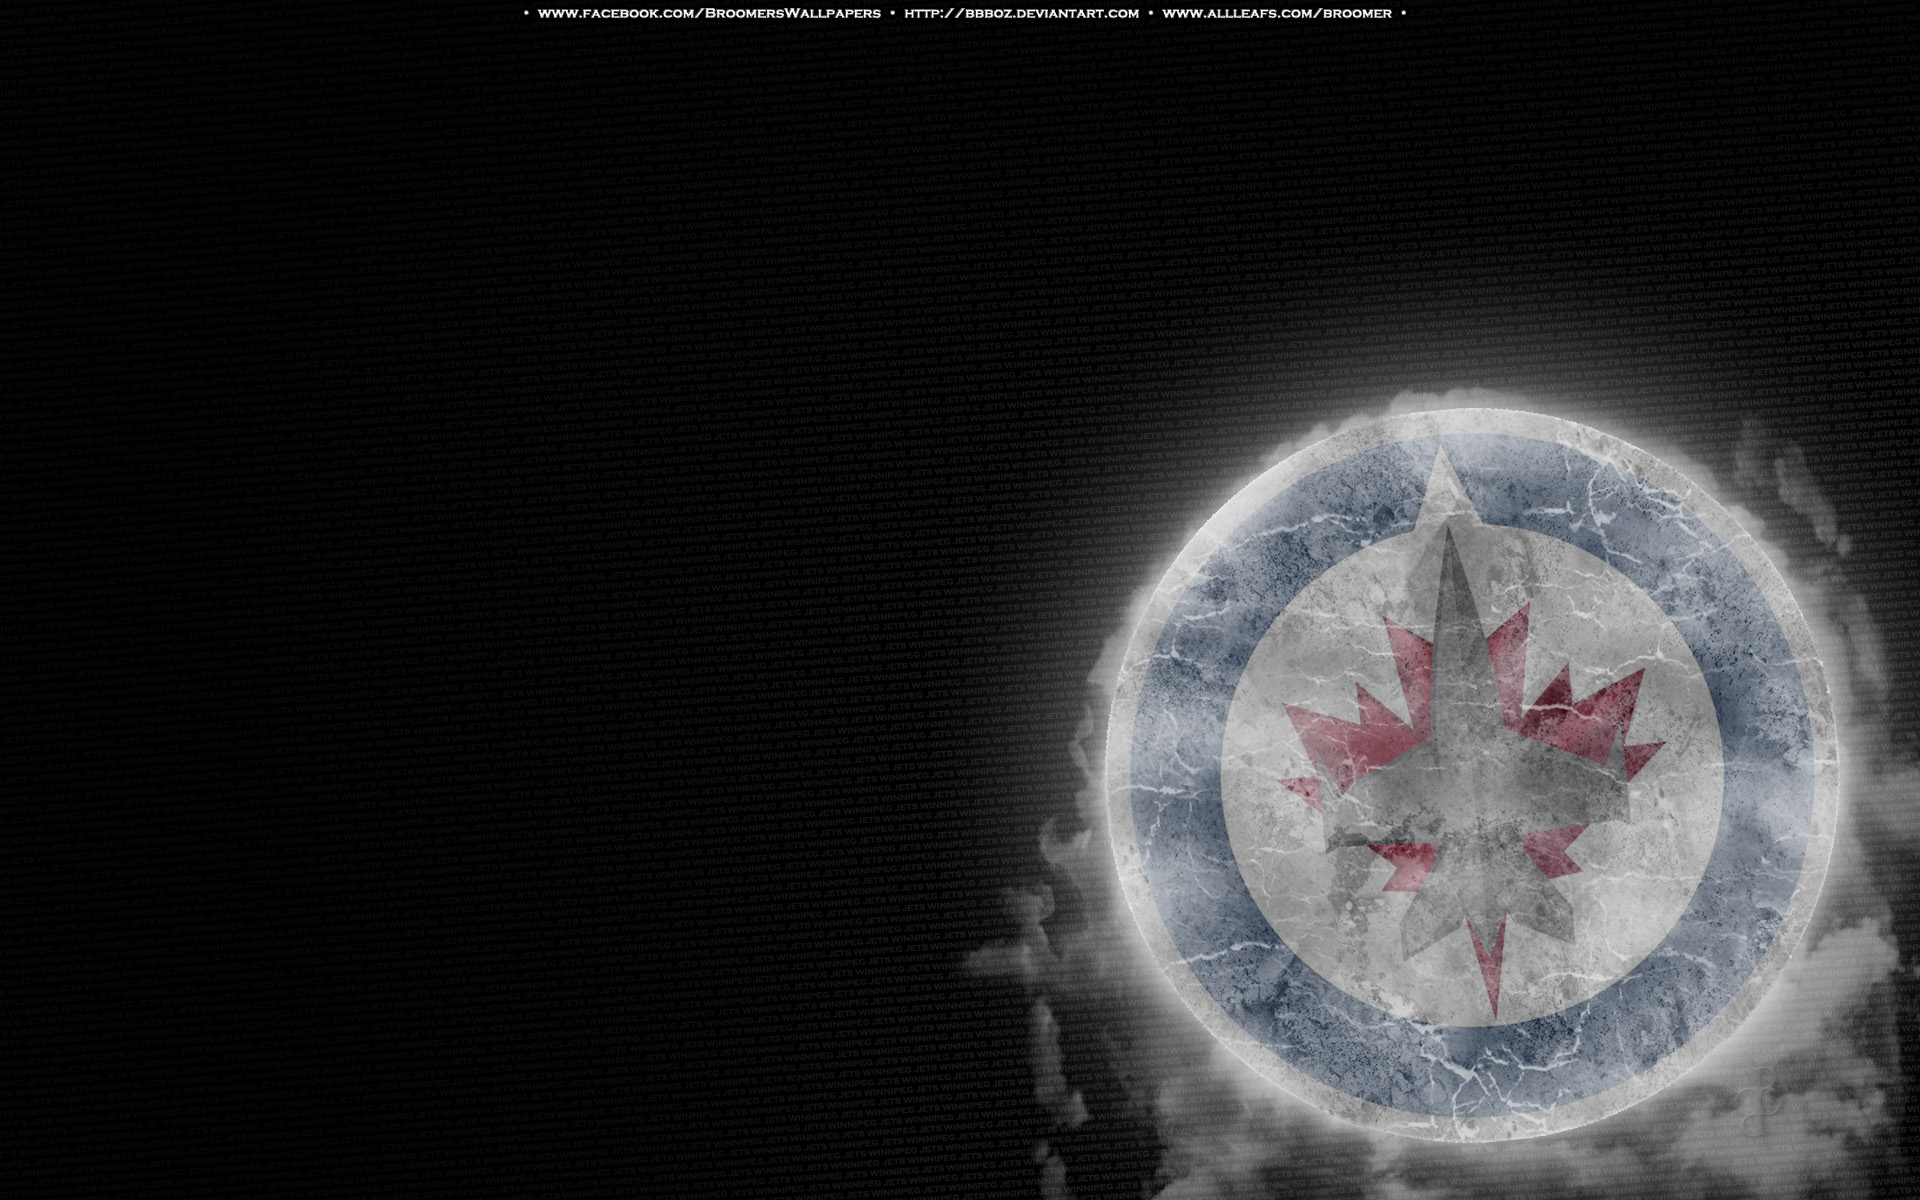 Winnipeg Jets 11 ICE by bbboz 1920x1200